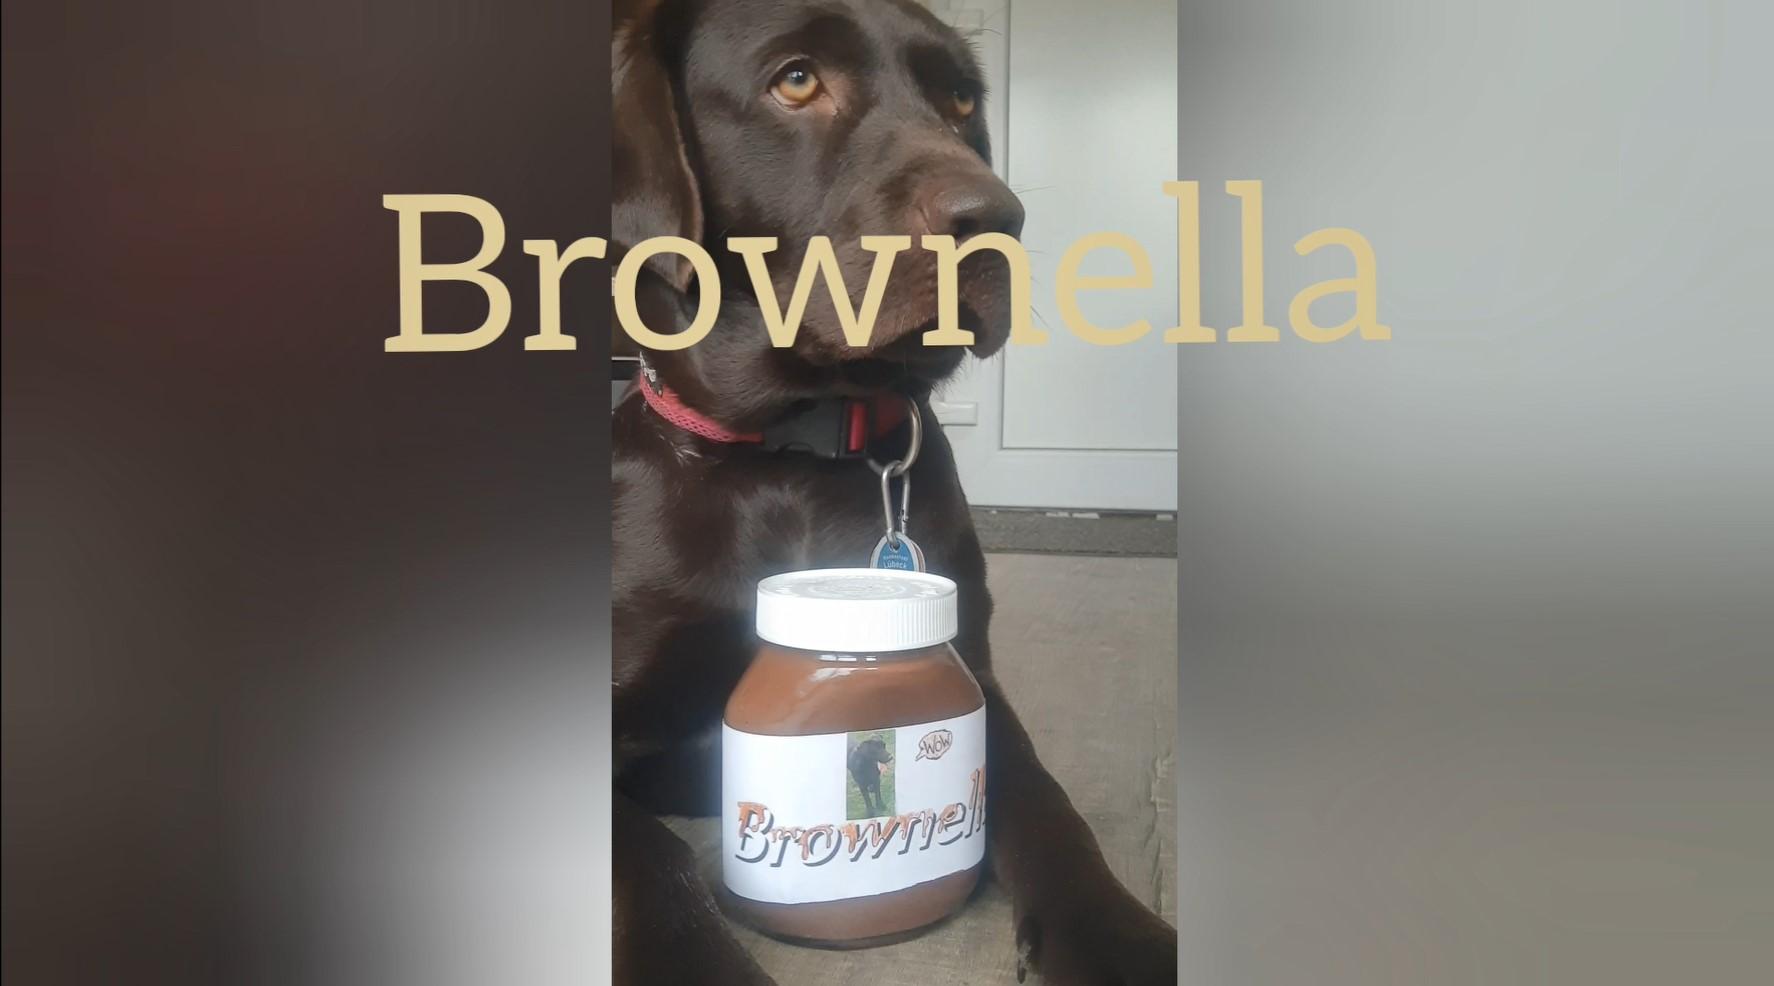 """""""Brownella - zu süß um wahr zu sein"""" - Ein Werbevideo entsteht"""